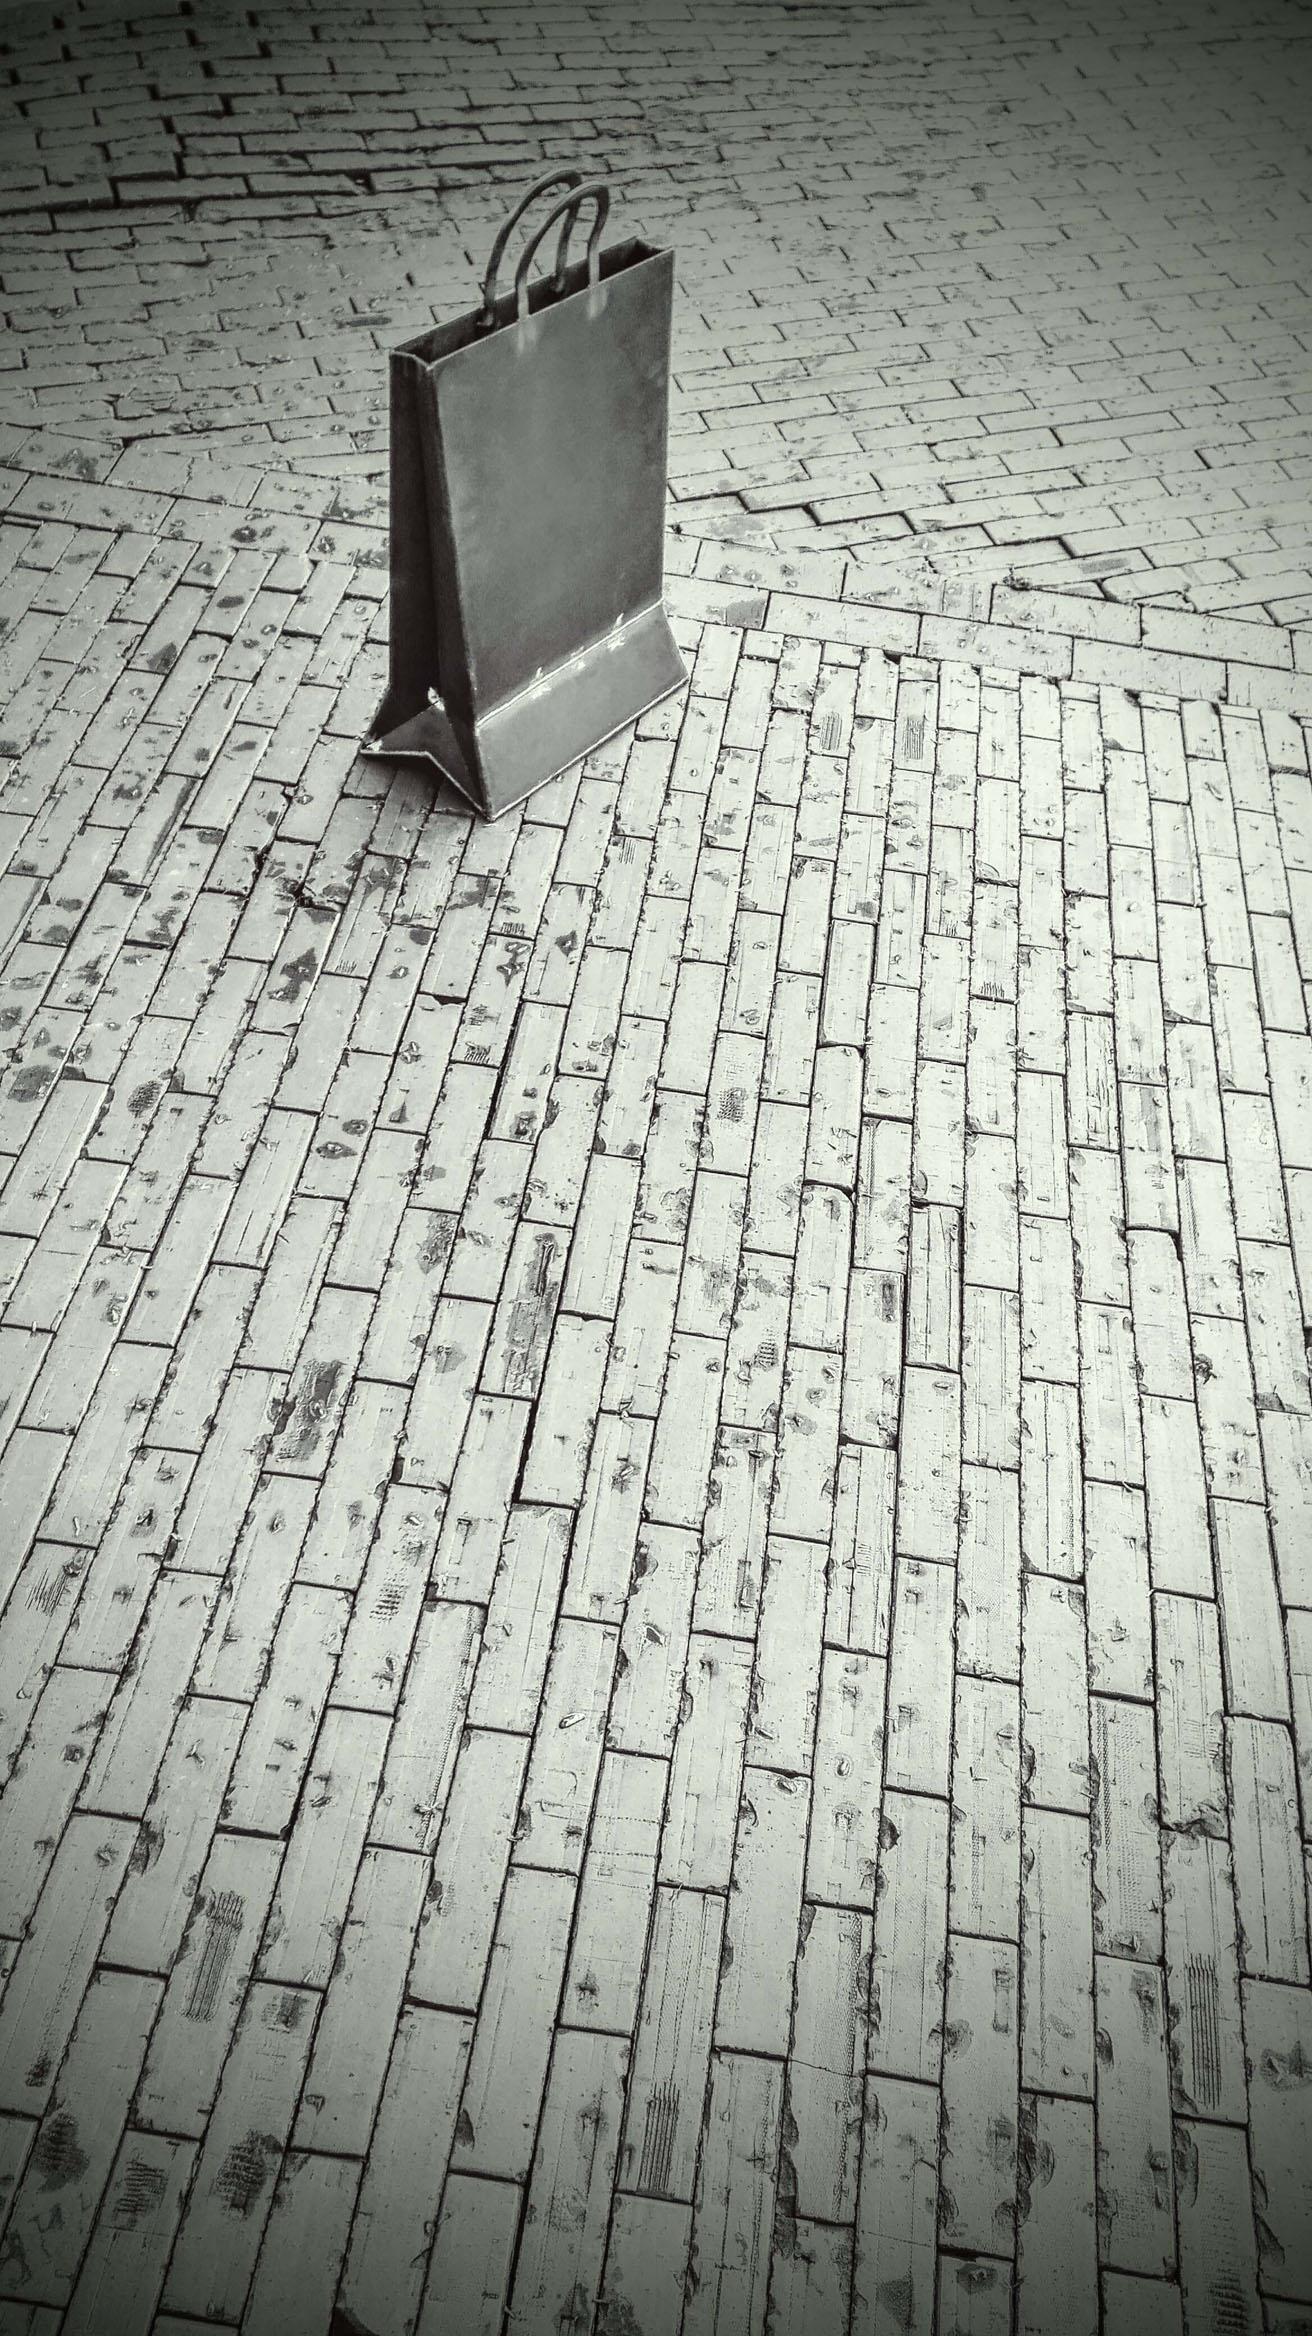 Emakumeen Indarra escultura conceptual